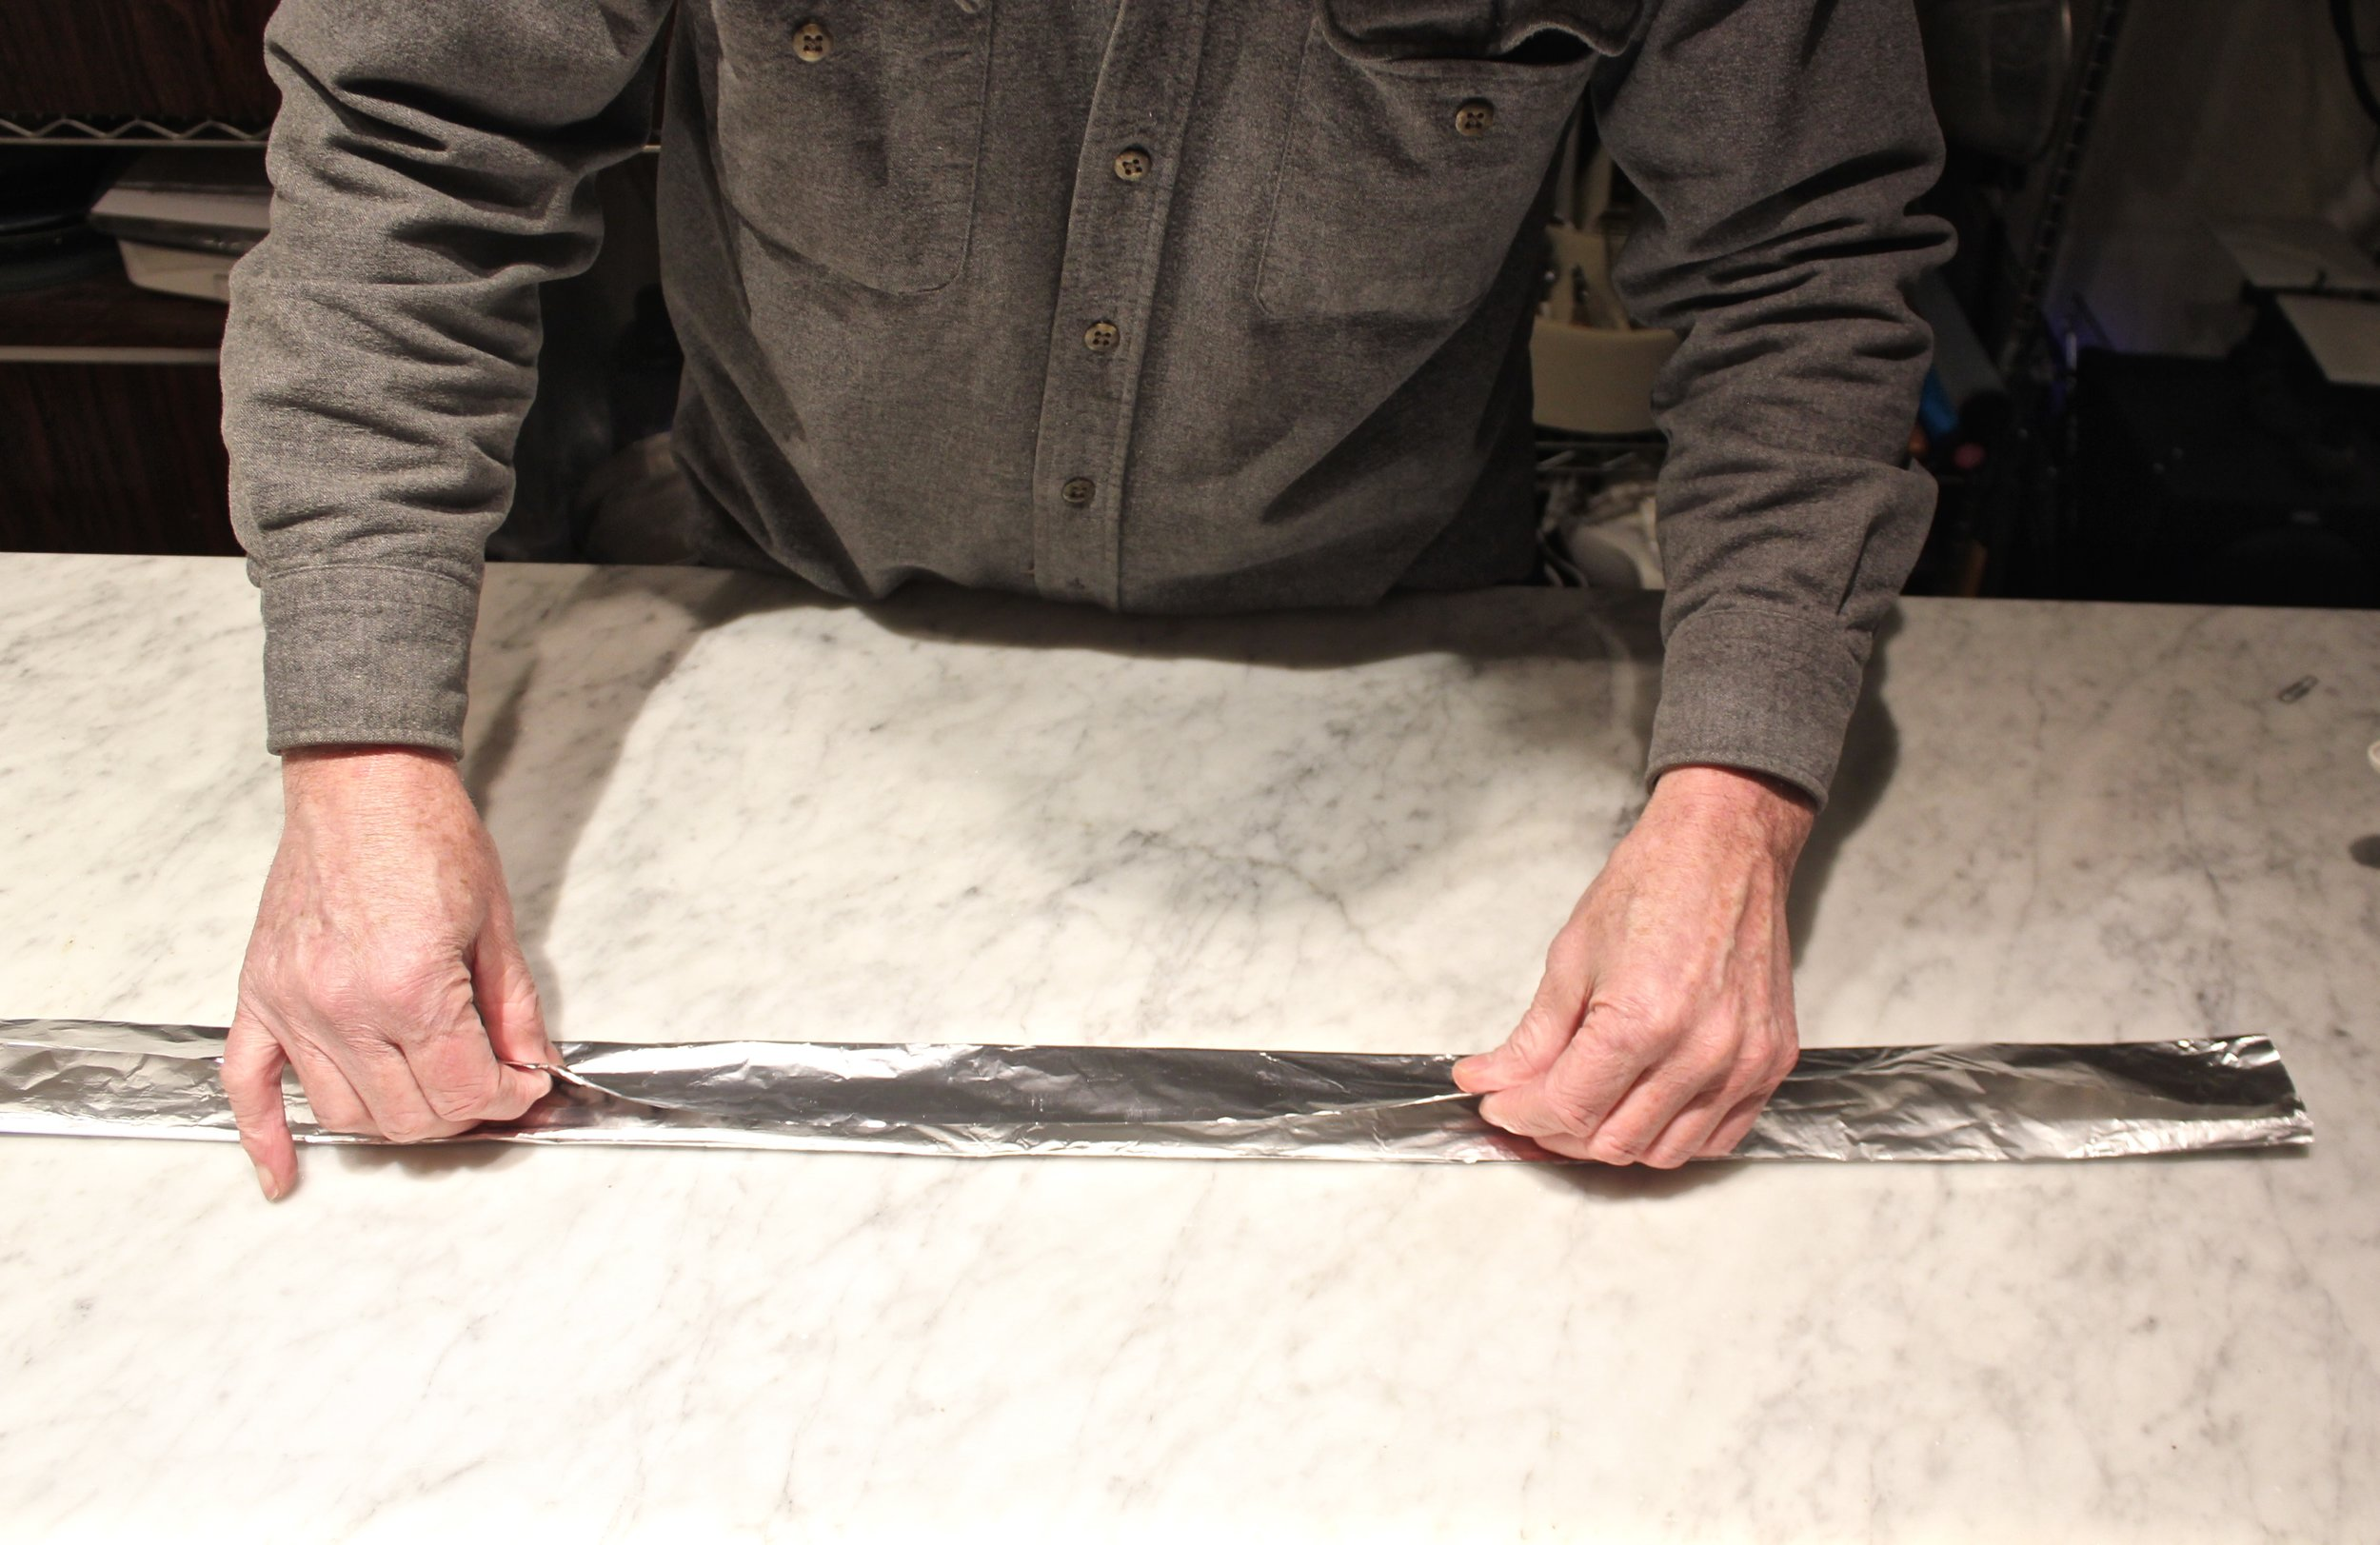 7. Folding Lengthwise